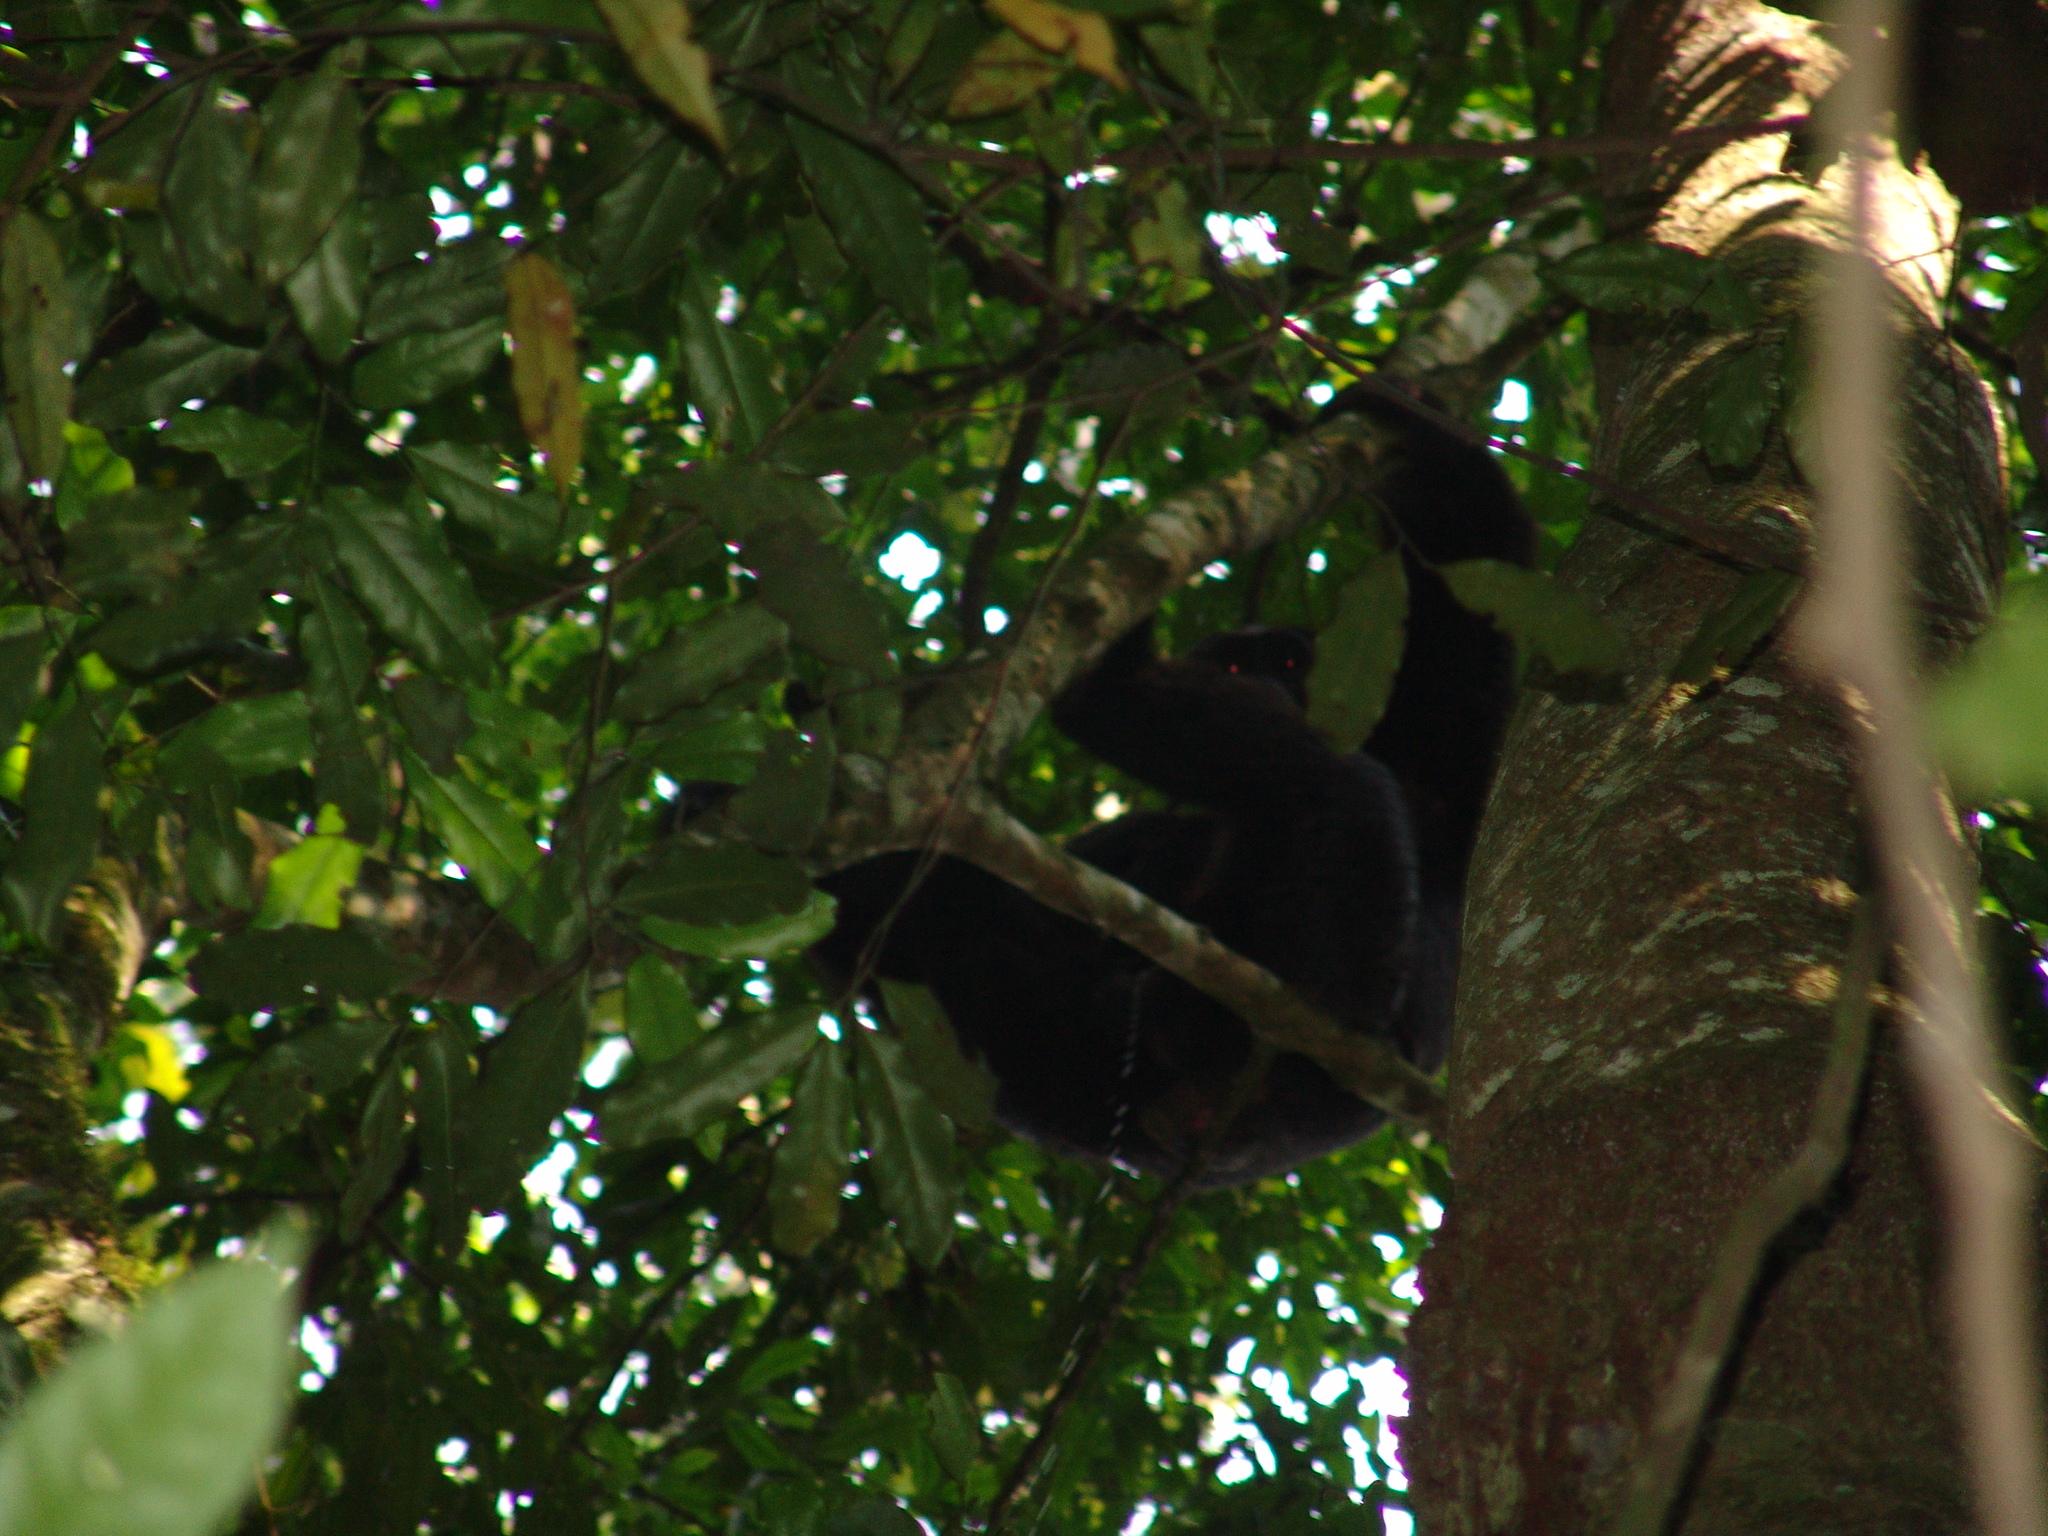 Chimp in tree - Uganda